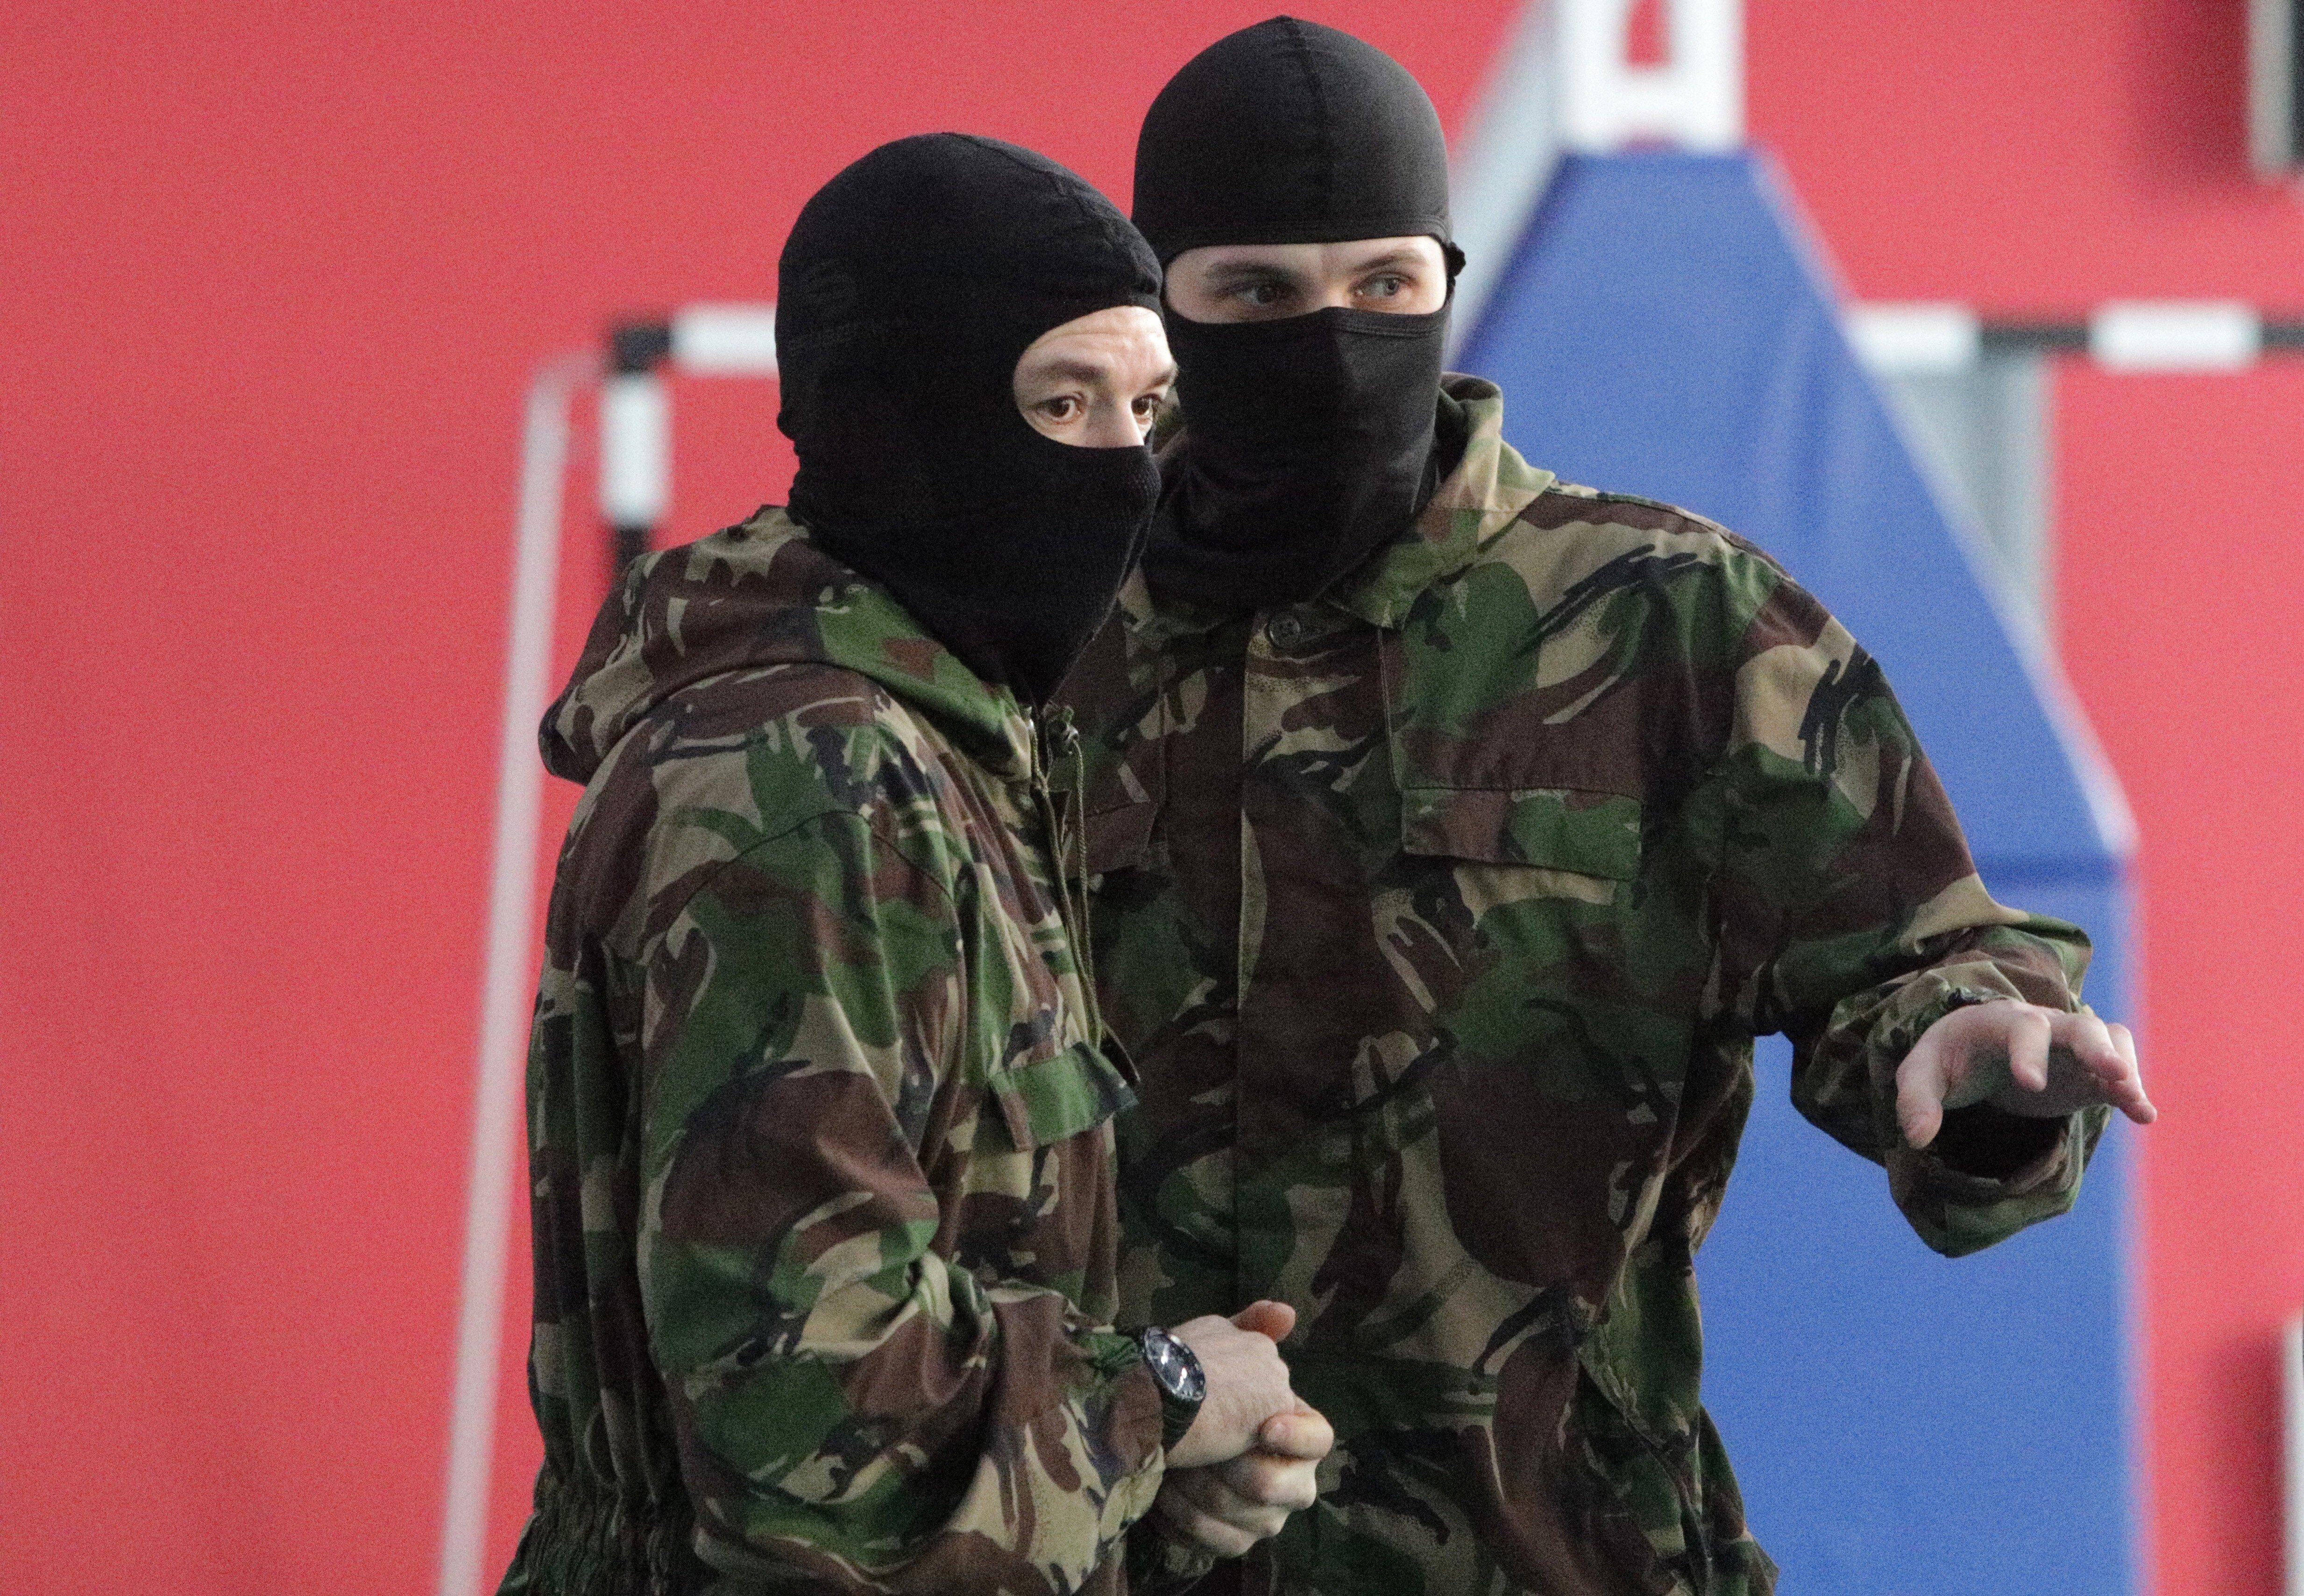 В России ввели штрафы до 200 тысяч рублей за распространение данных силовиков